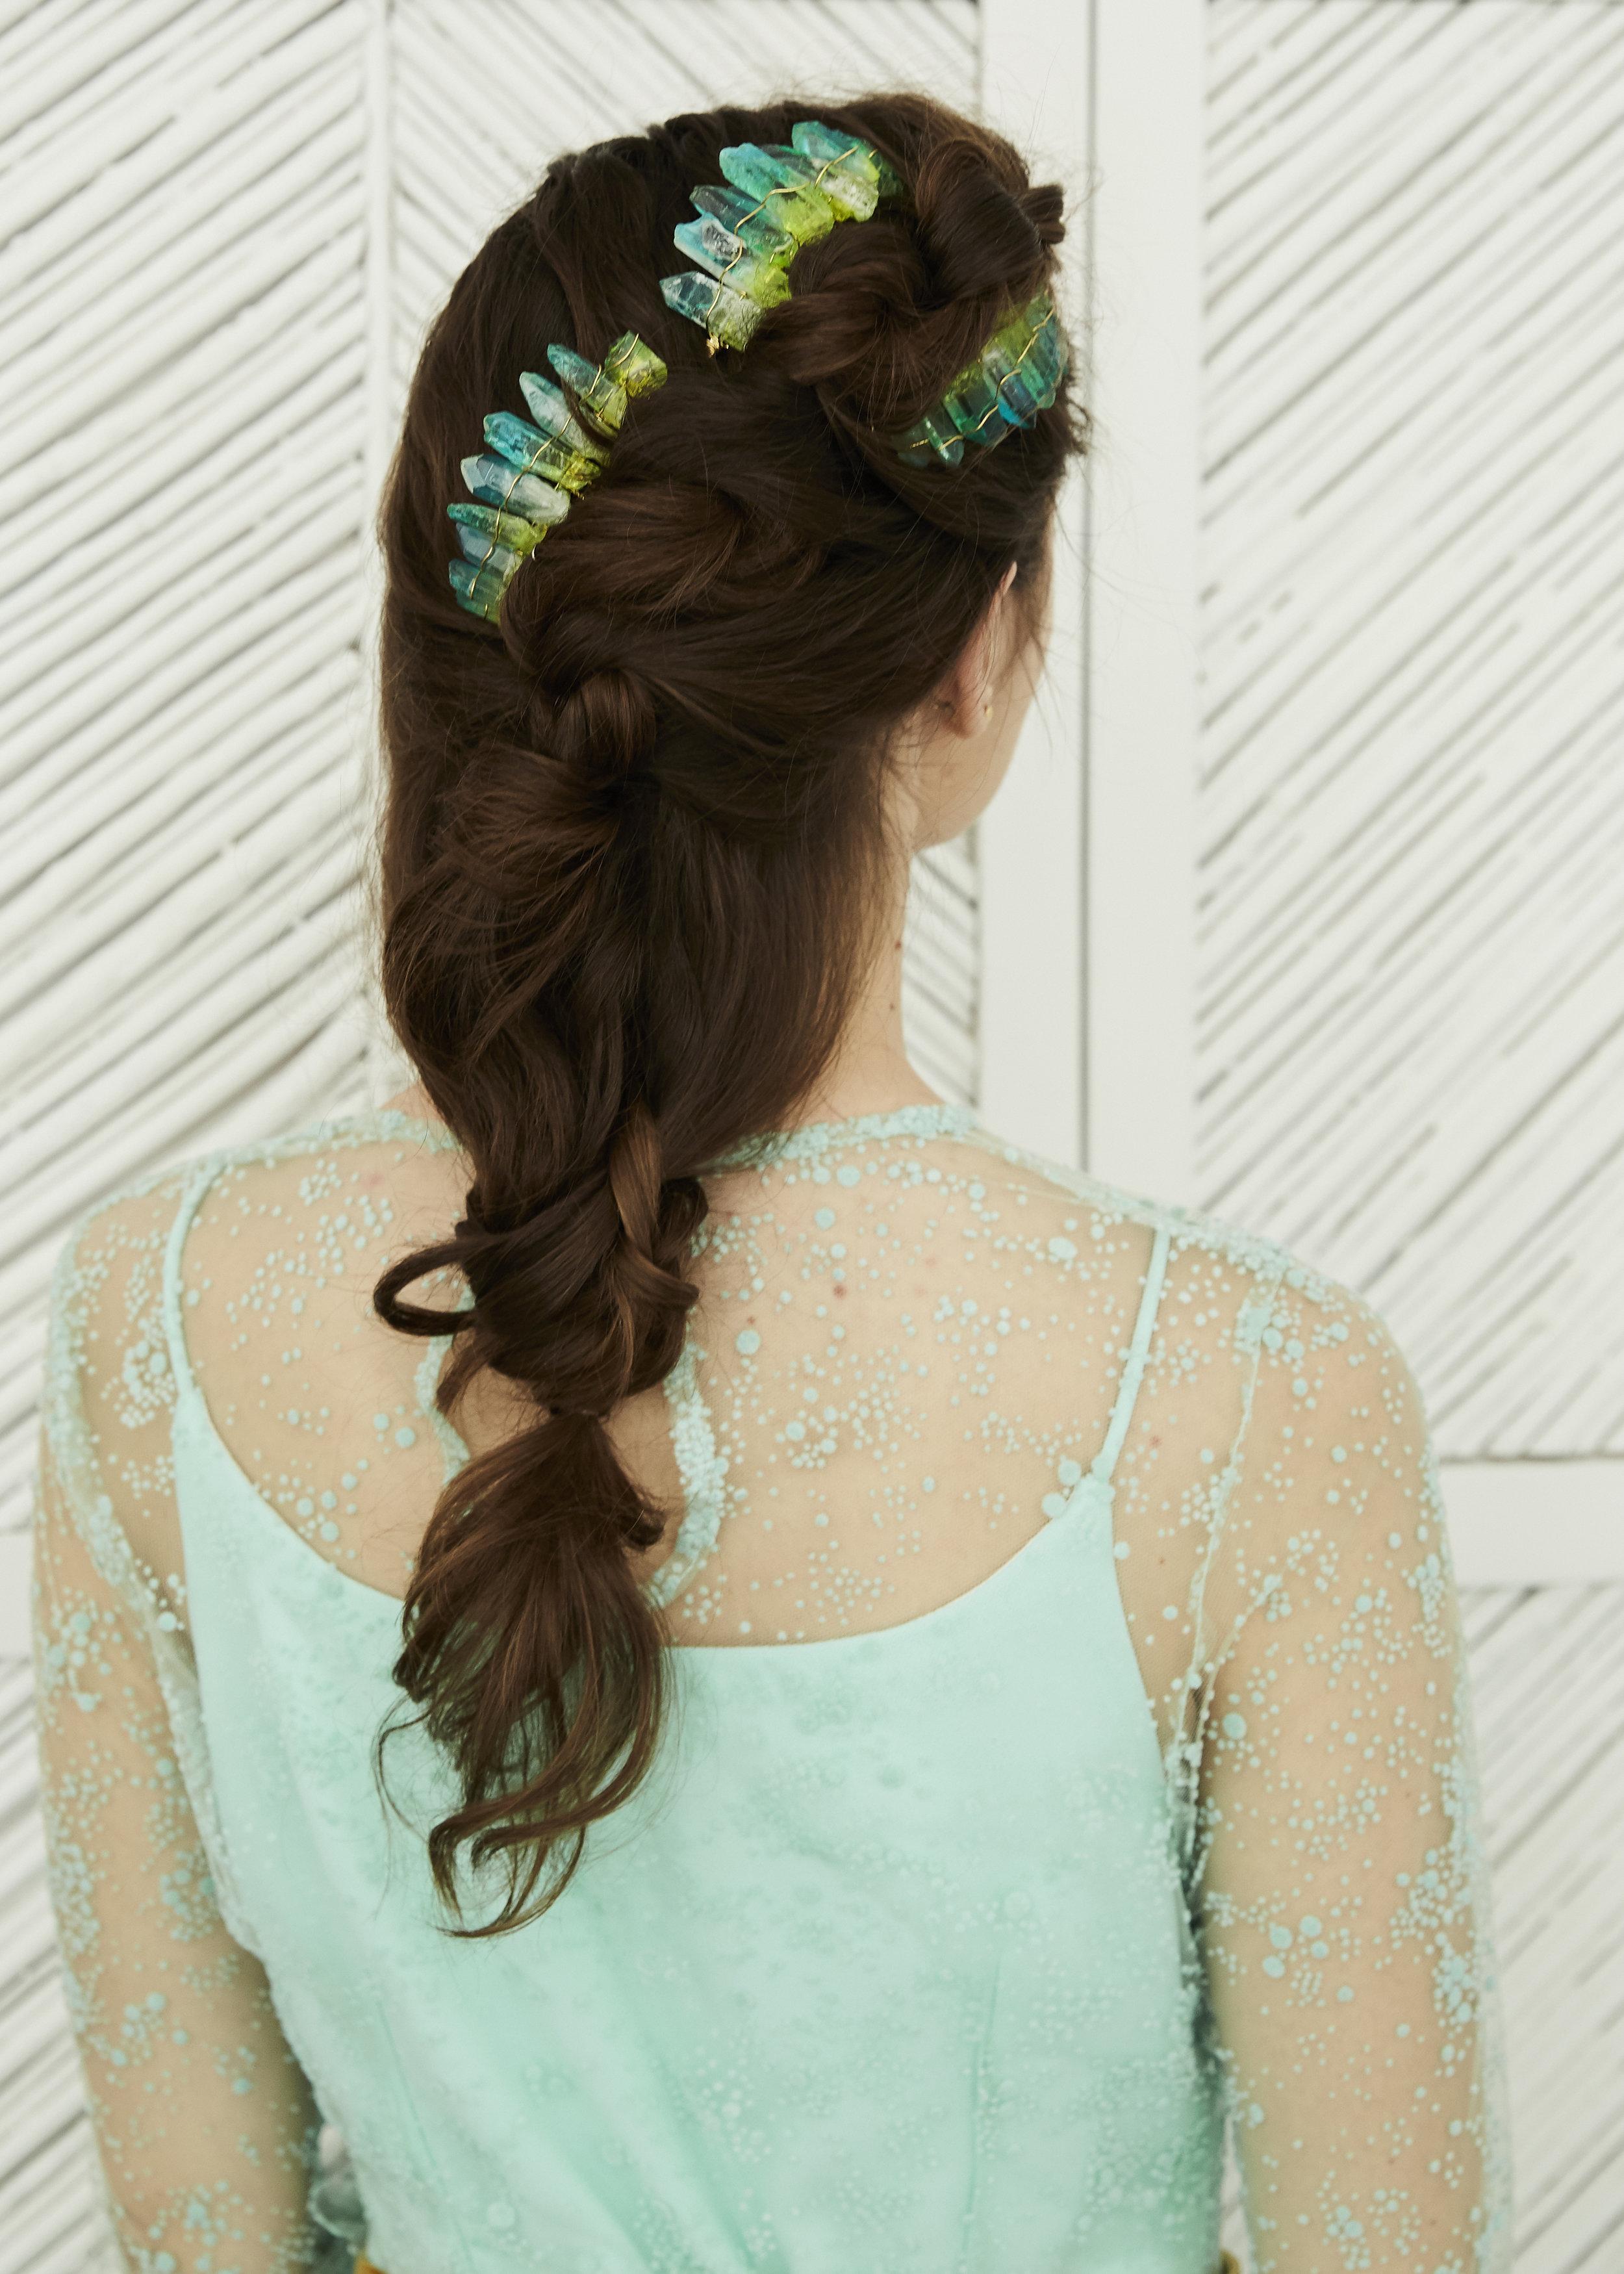 Irene con vestido en plumeti azul aqua ·S a o·  @lauralomasdesign   Tocados:  @jimenarilova   Foto: @maritutunni  Maquillaje: @tespin.makeup